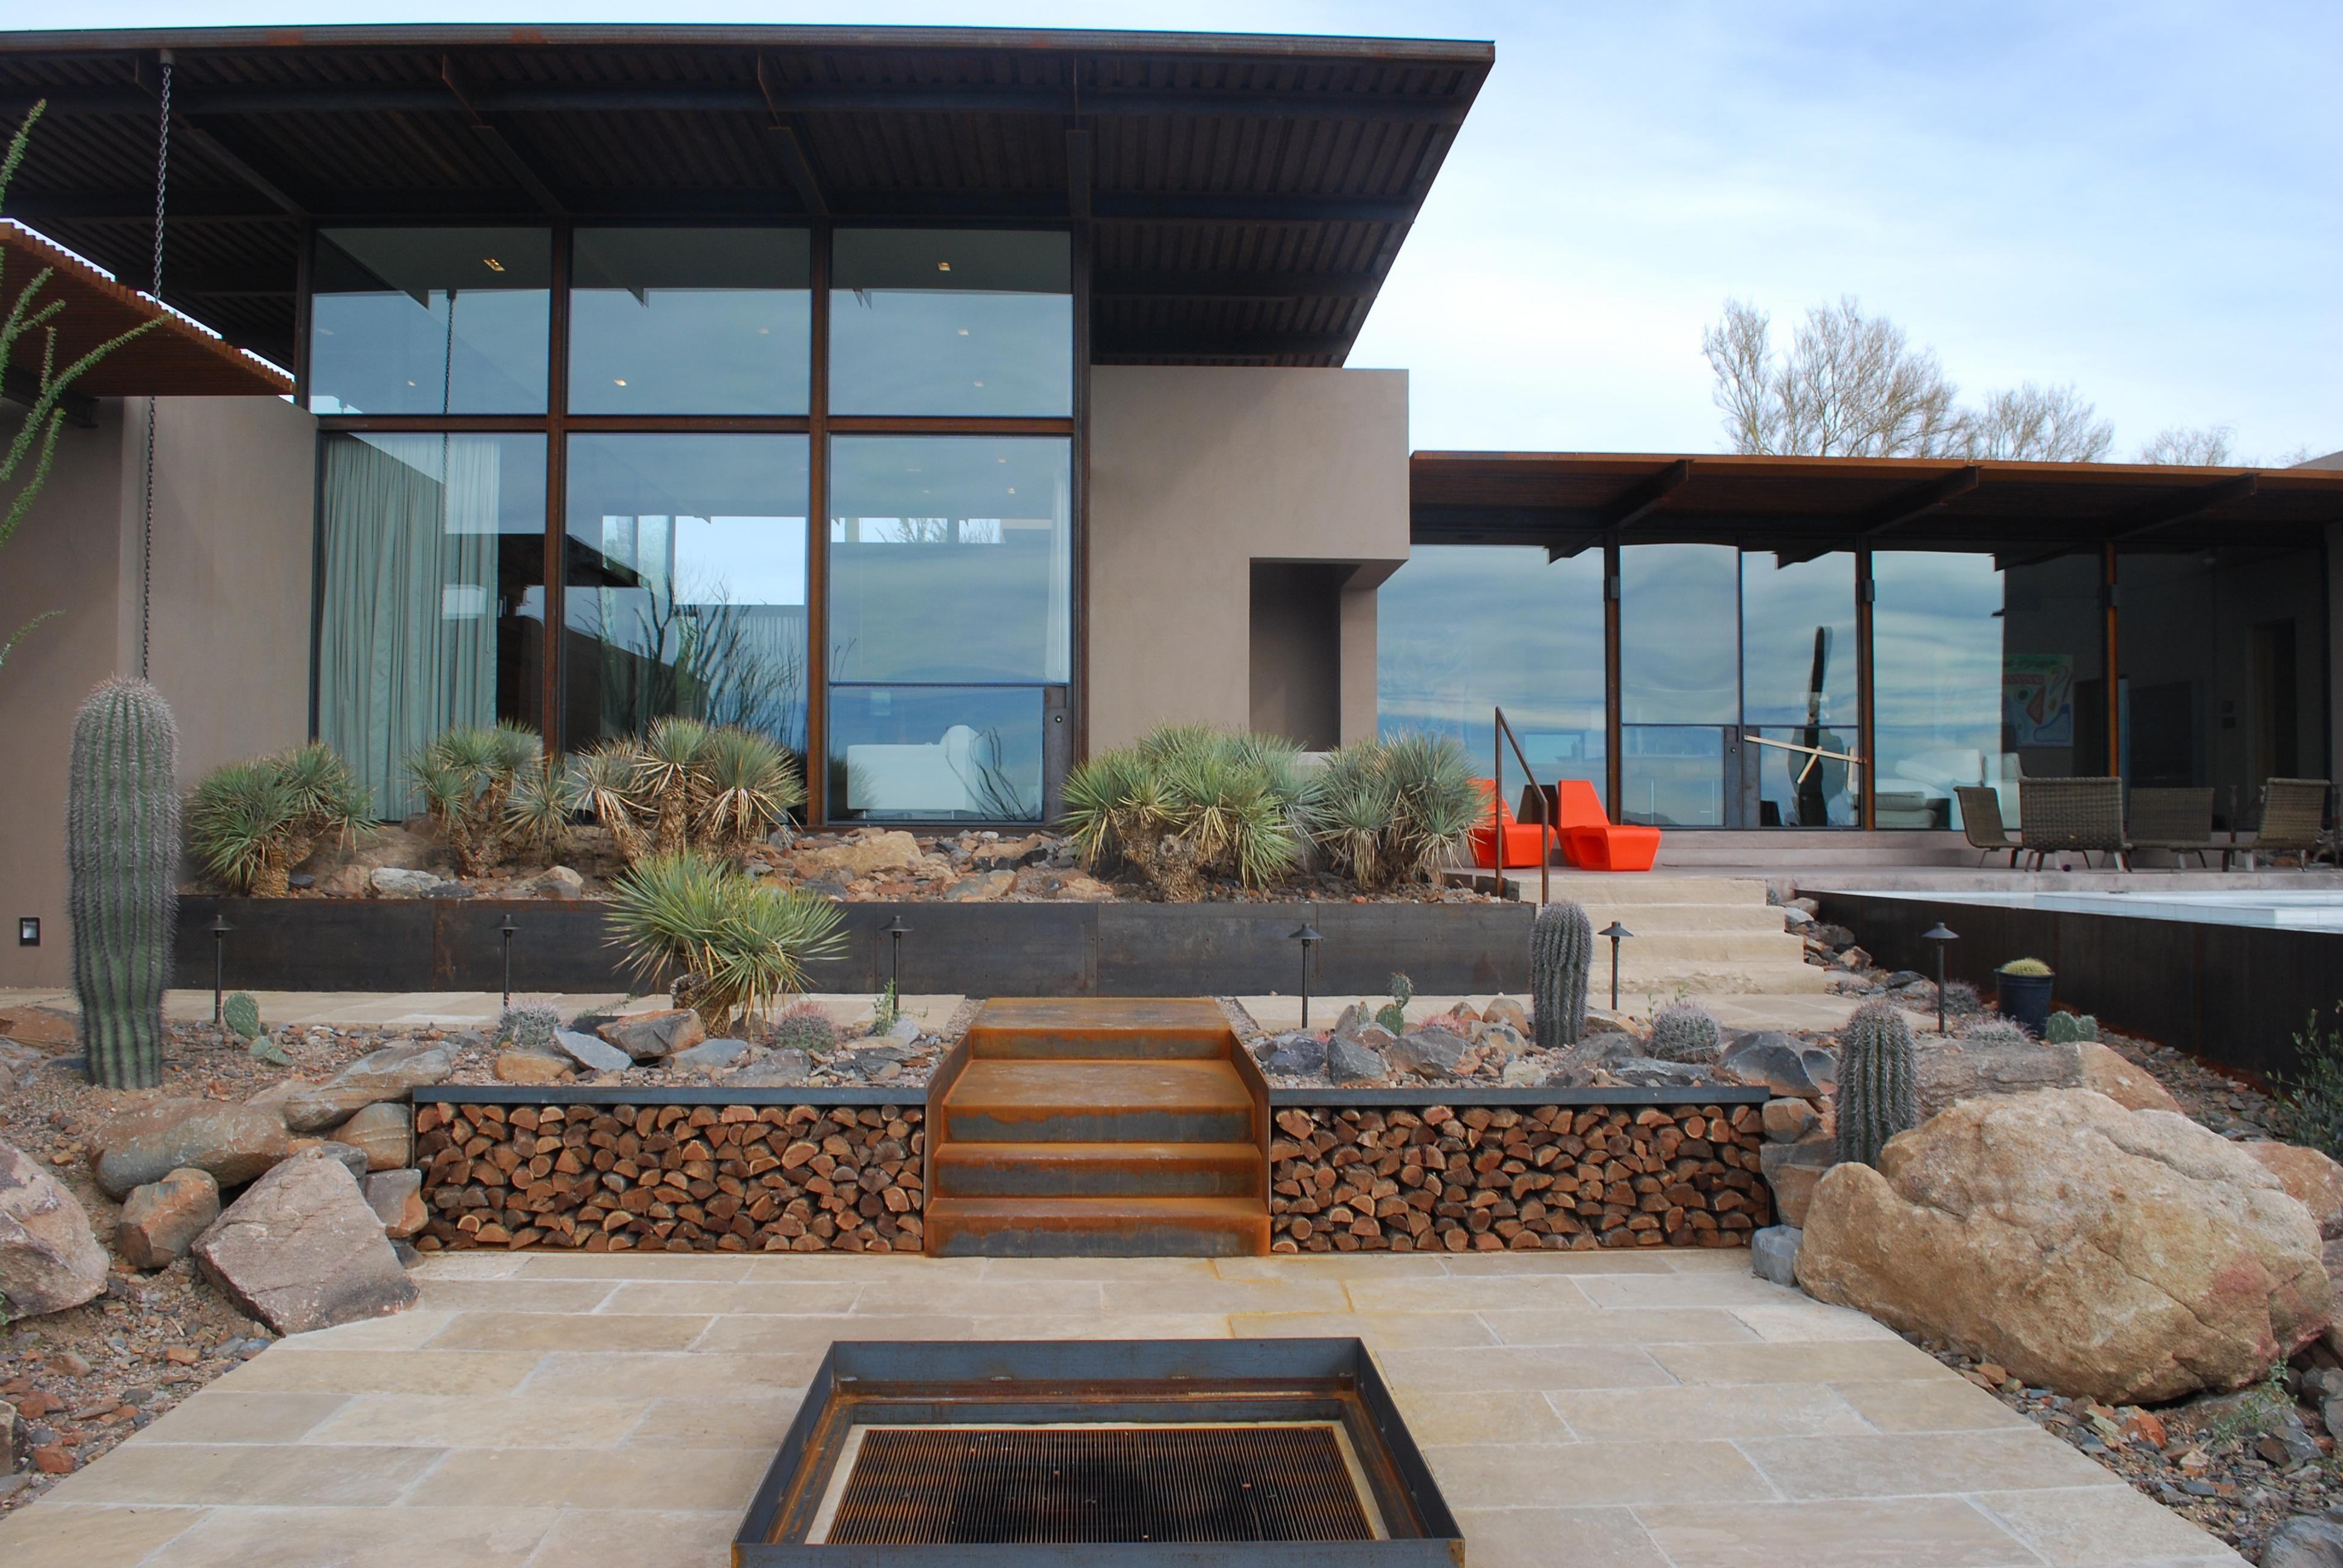 The Brown Residence A Desert Modern Custom Home In Scottsdale AZ By Lake